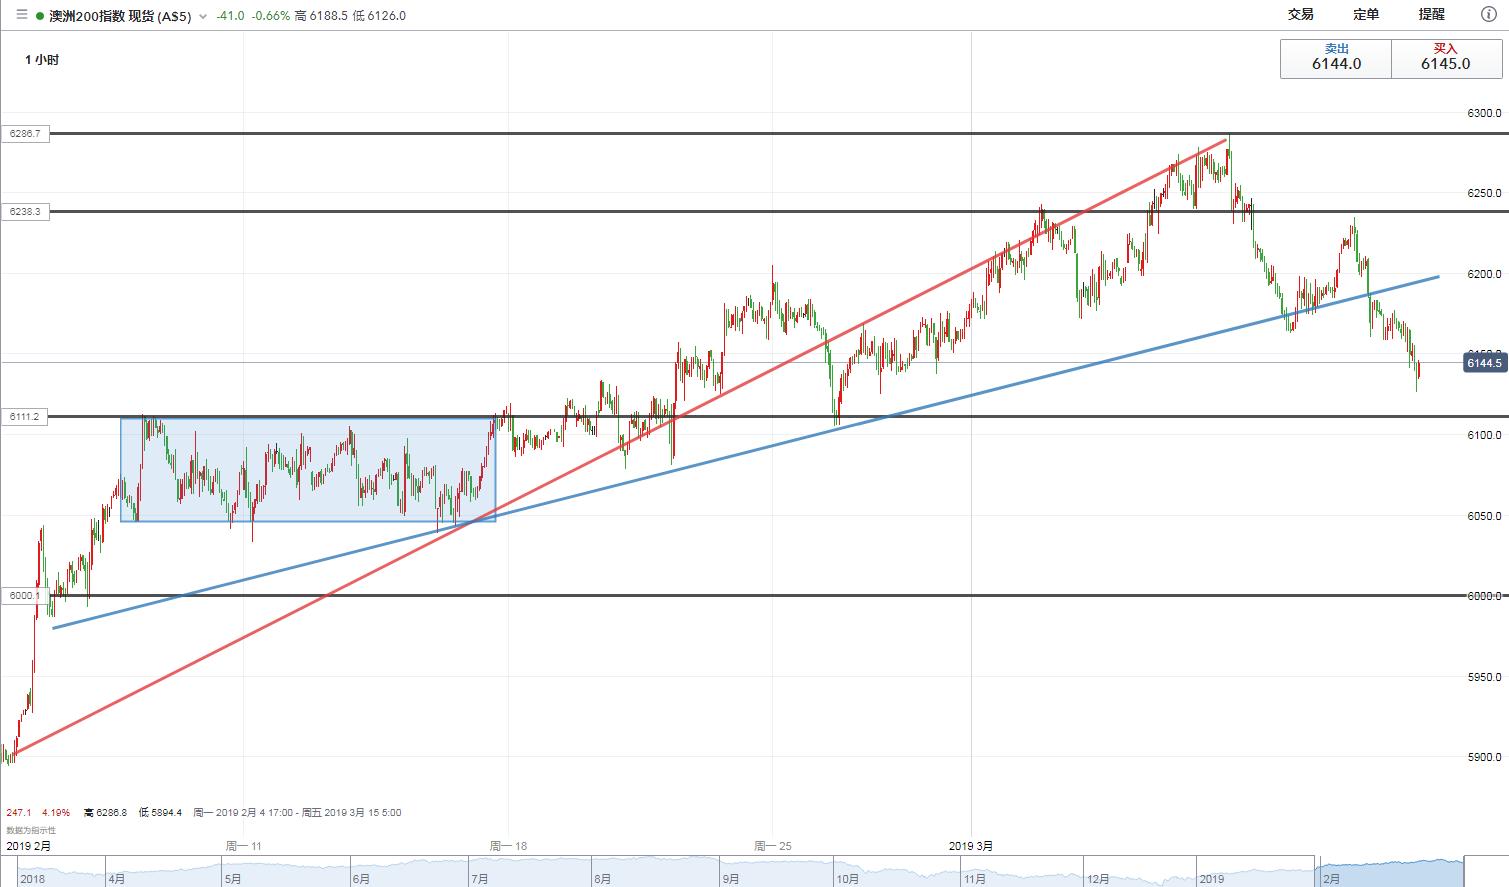 澳洲ASX200指数技术分析:失守上升趋势线,第一目标6100